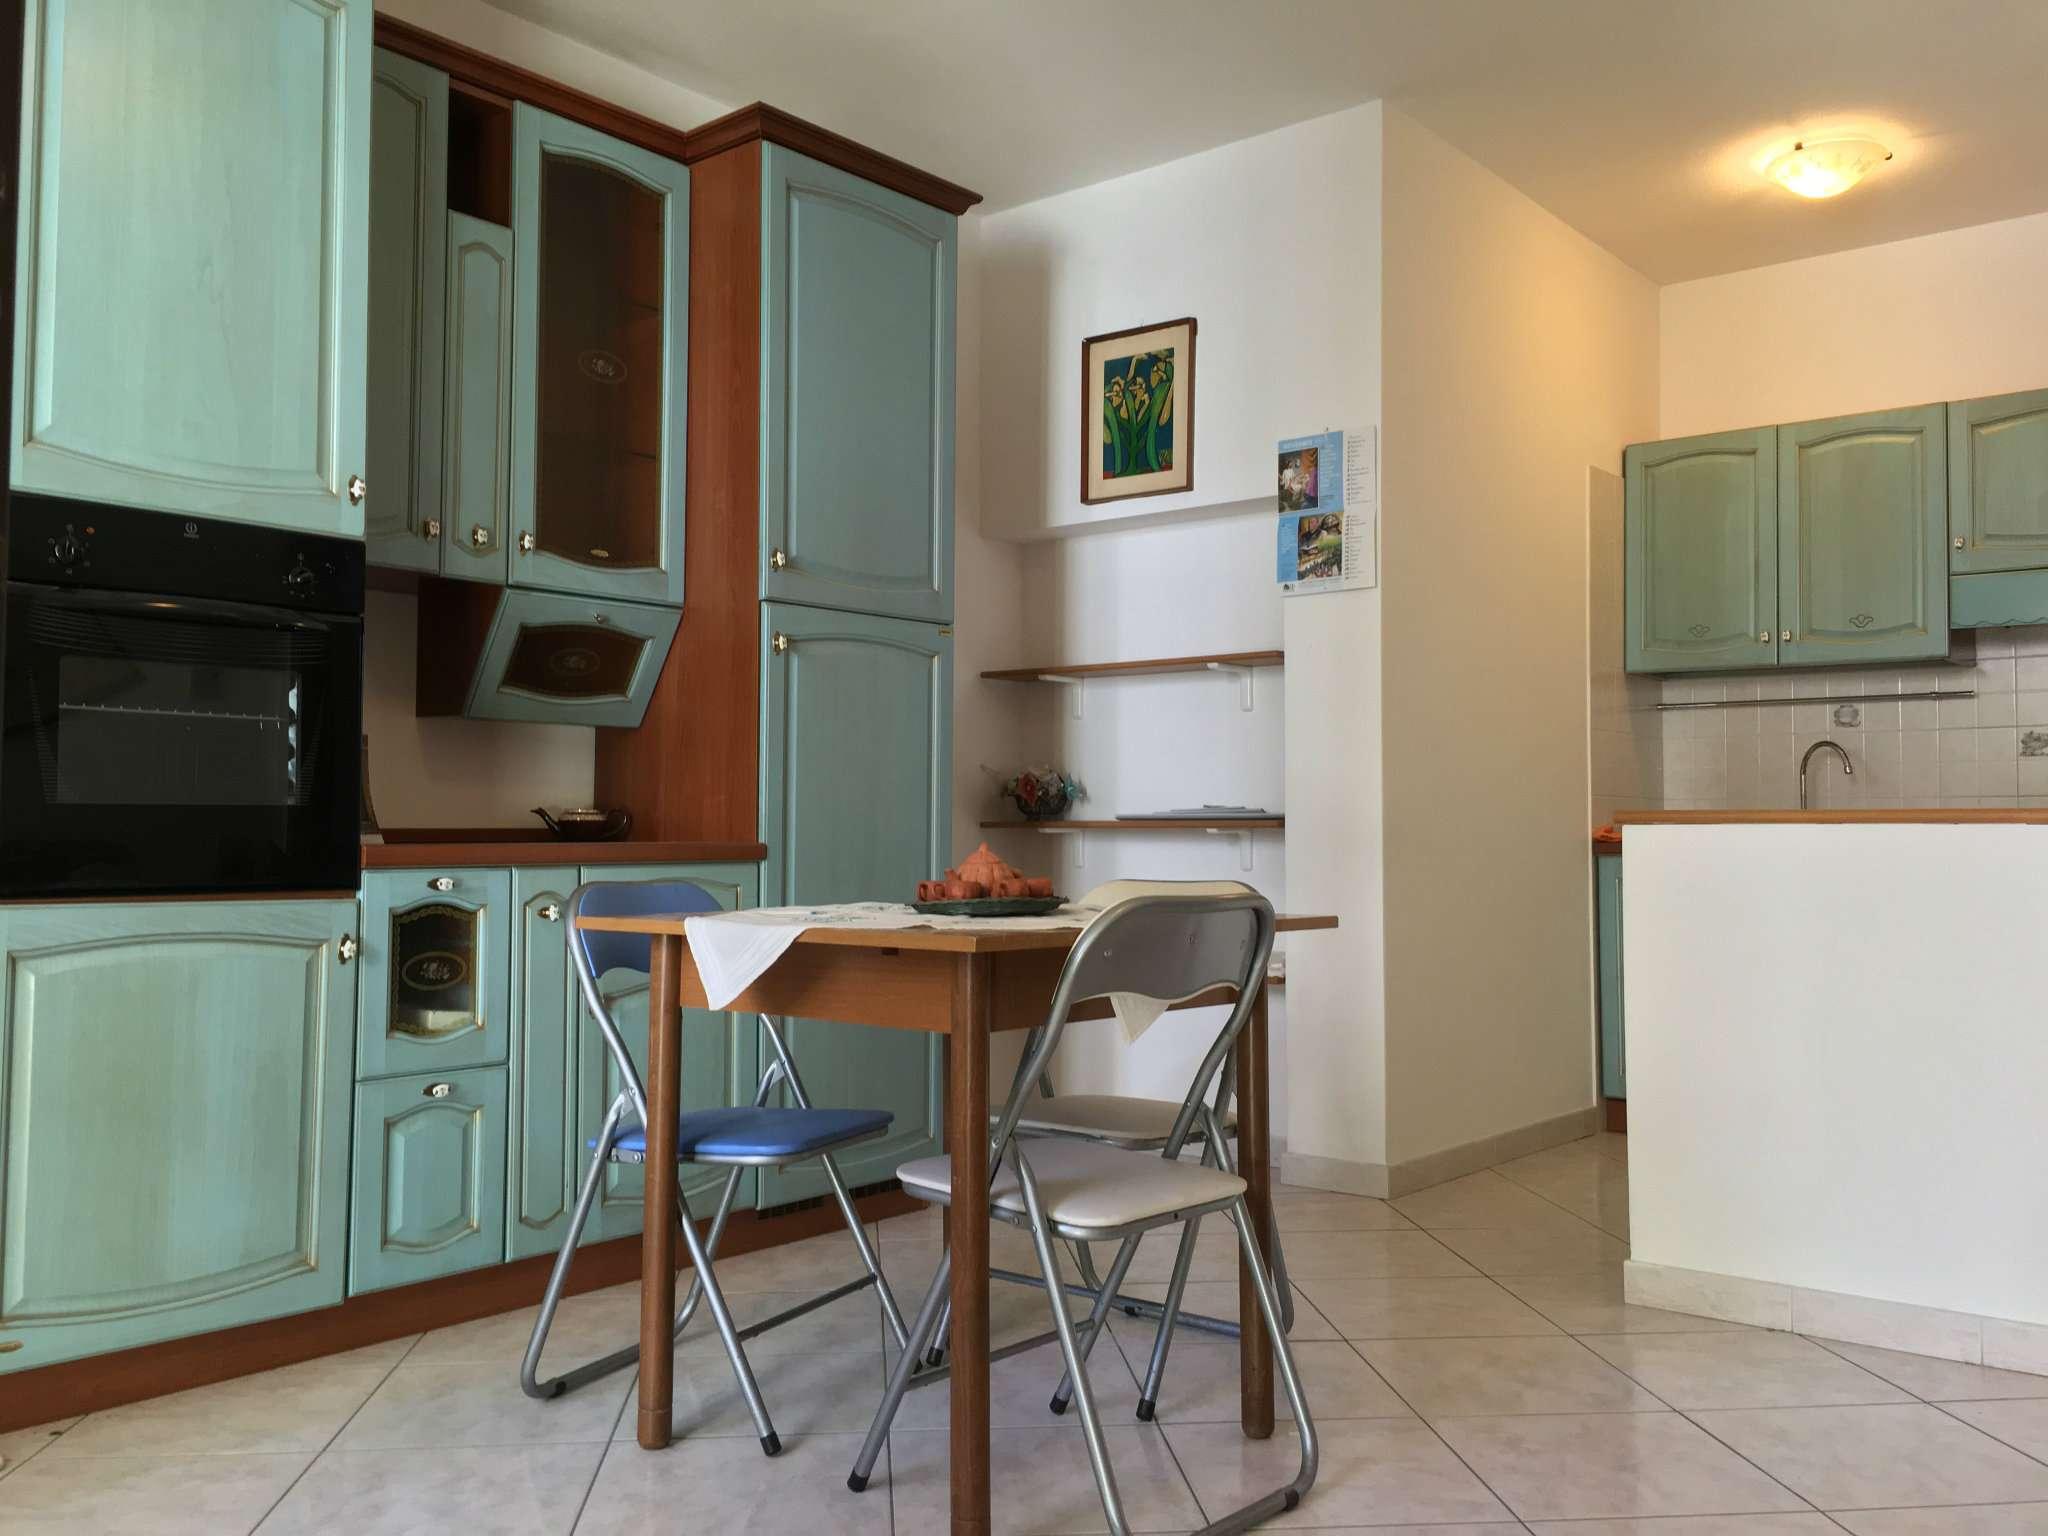 Appartamento in vendita a Sinnai, 2 locali, prezzo € 75.000 | CambioCasa.it